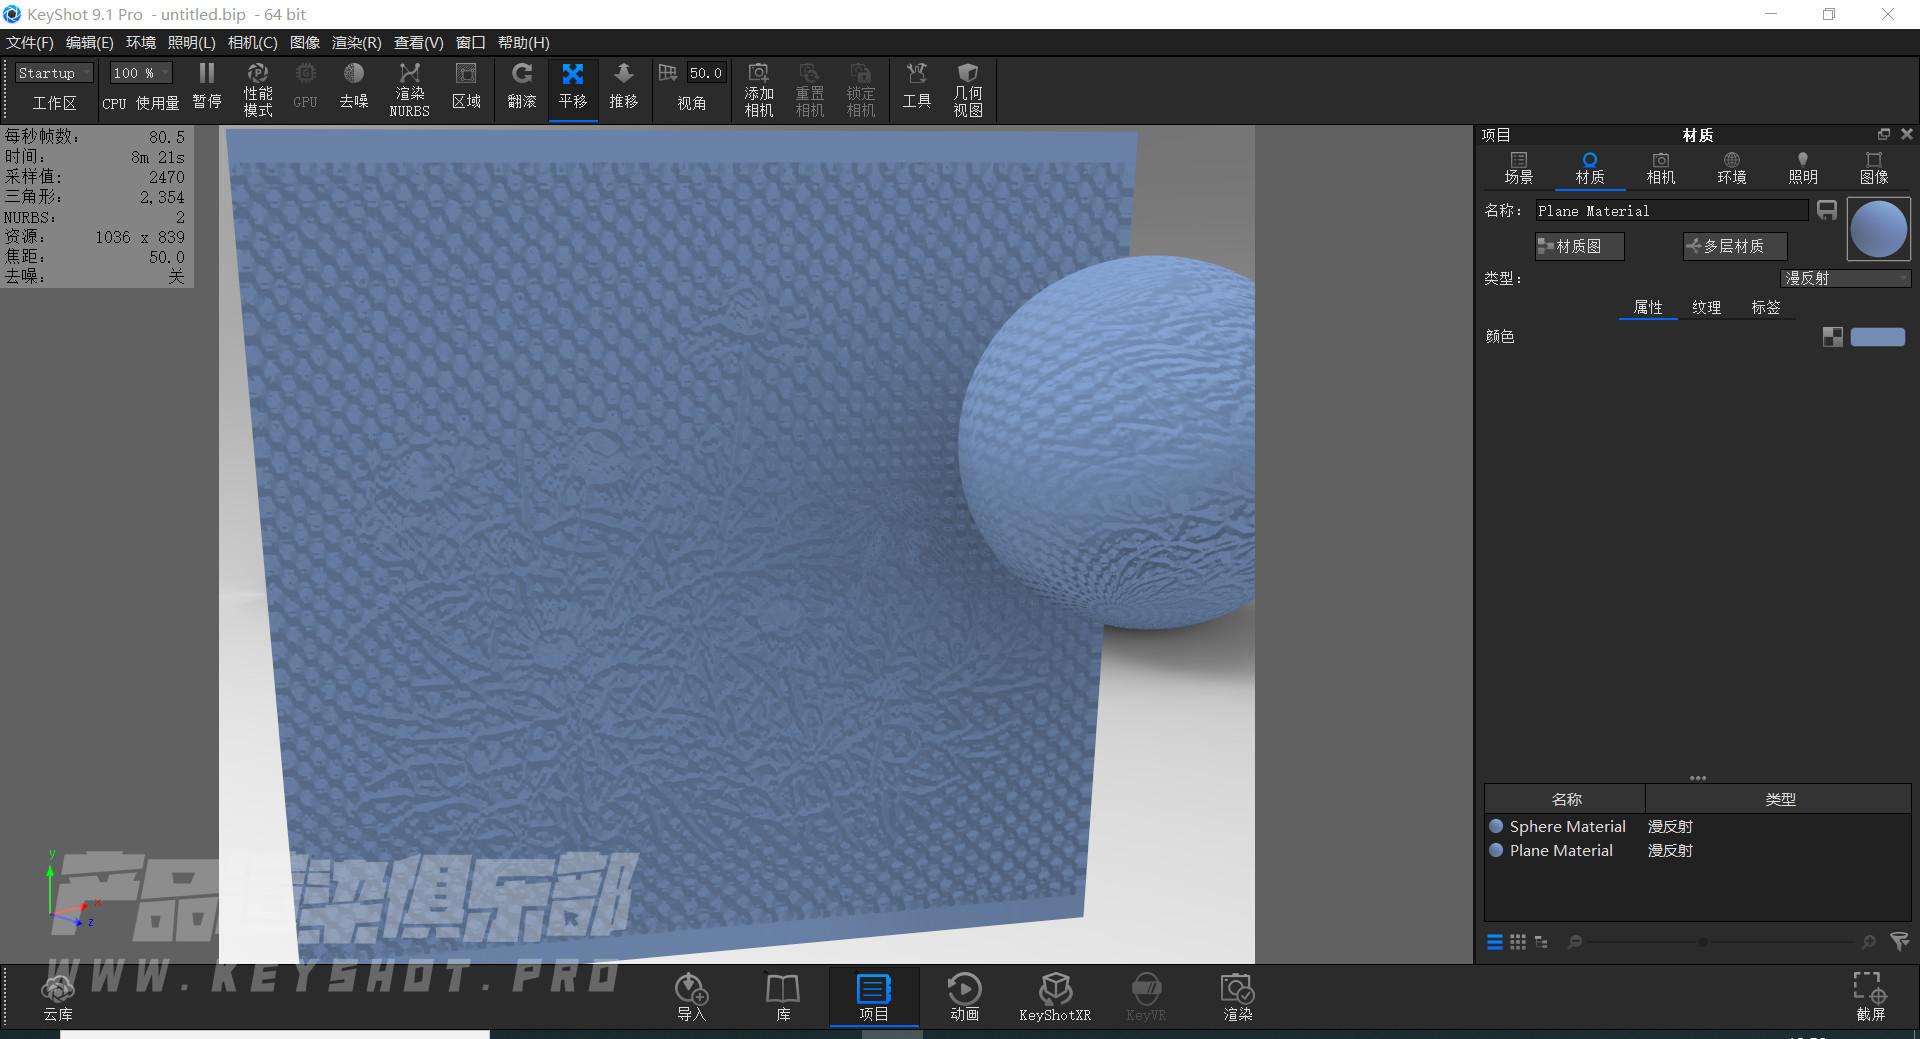 keyshot简单制作水面效果+ps生产法线/凹凸图+keyshot的布料置换贴图运用